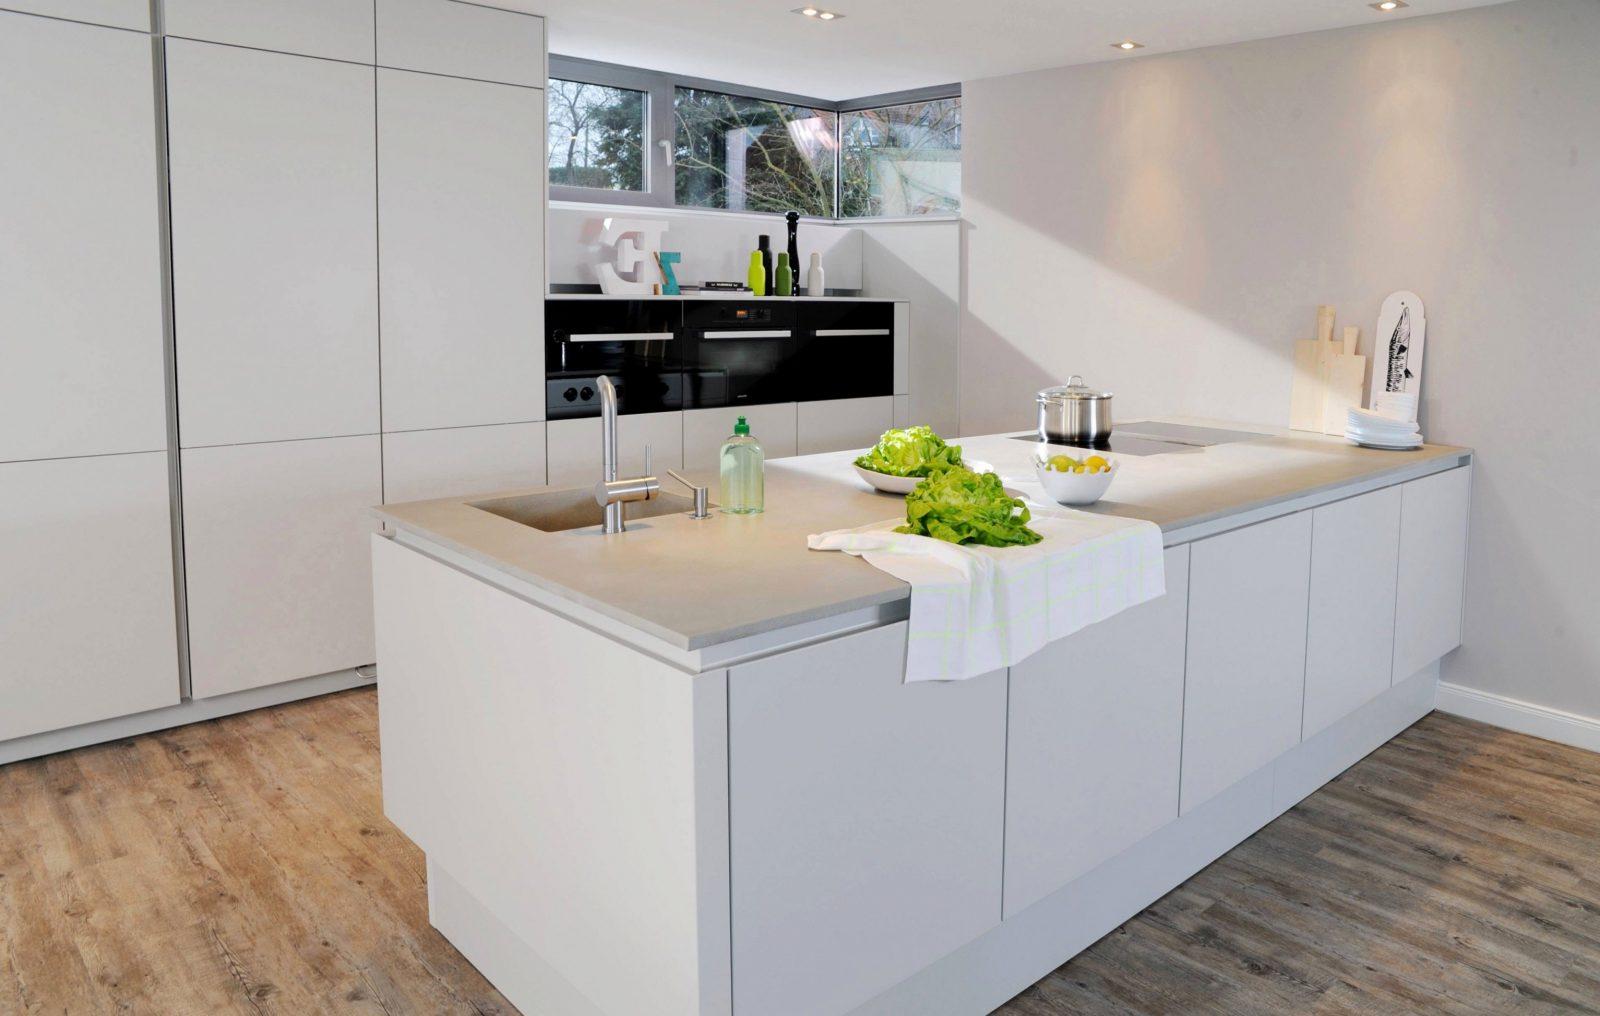 Küche 50 Cm Tief Frisch 34 Erstaunlich Arbeitsplatte Küche 70 Cm von Küchenarbeitsplatte 70 Cm Breit Bild